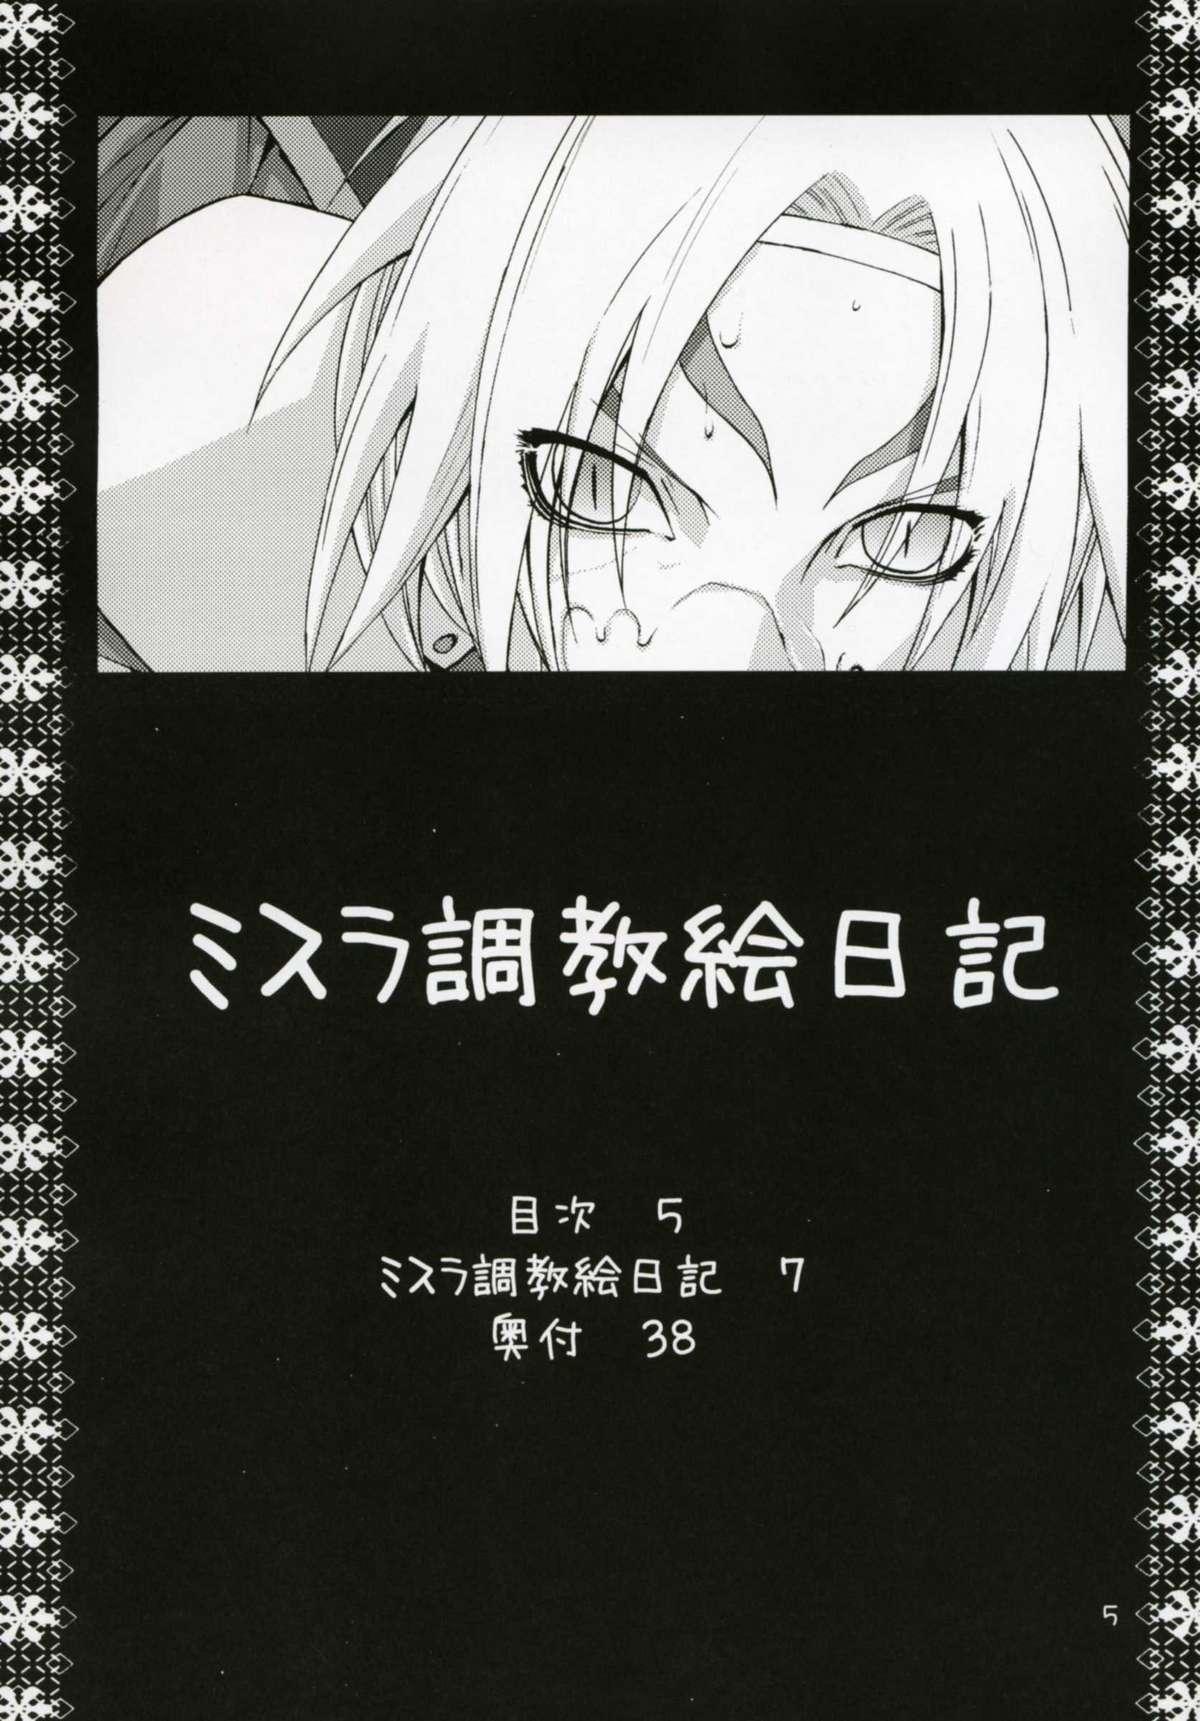 Mithra Choukyou Enikki 3